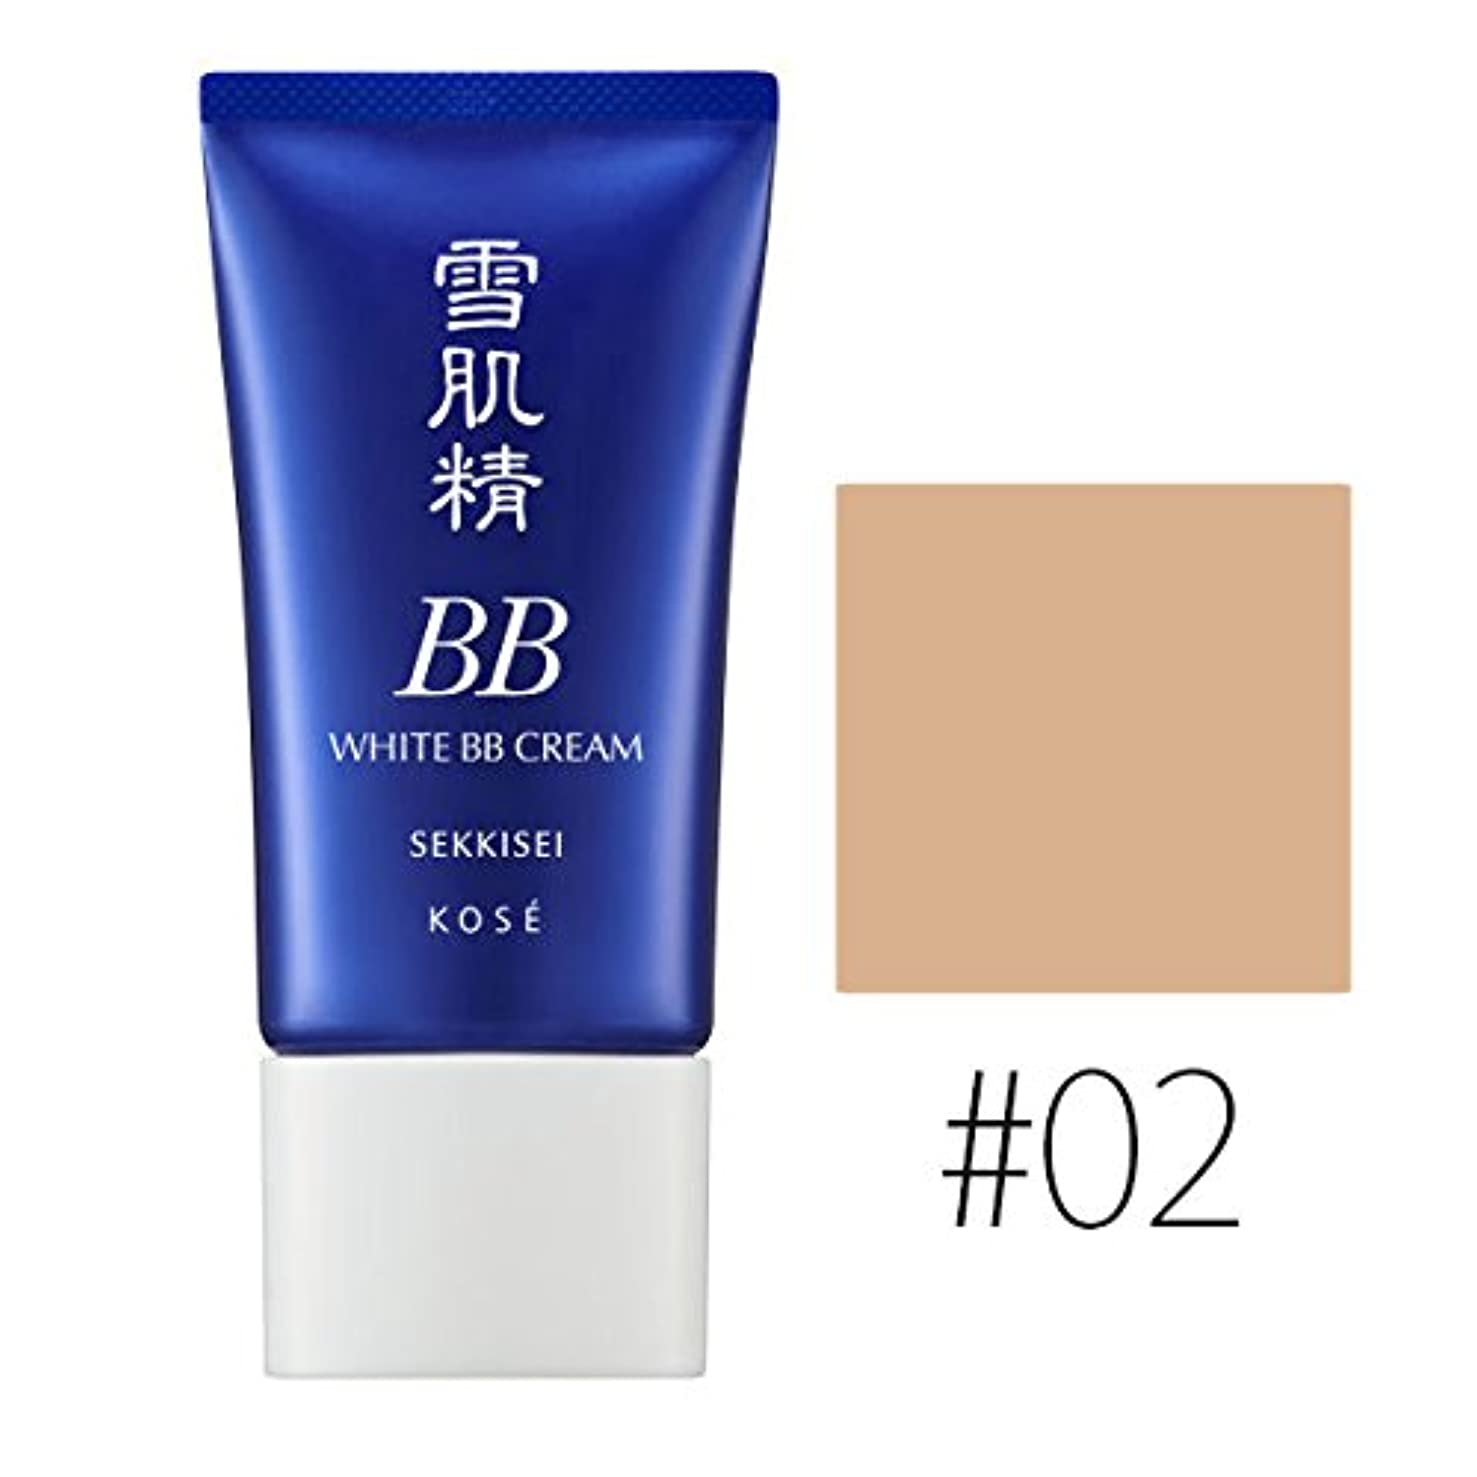 抽象化クラフト読むコーセー 雪肌精 ホワイト BBクリーム【#02】 #OCHRE SPF40/PA+++ 30g